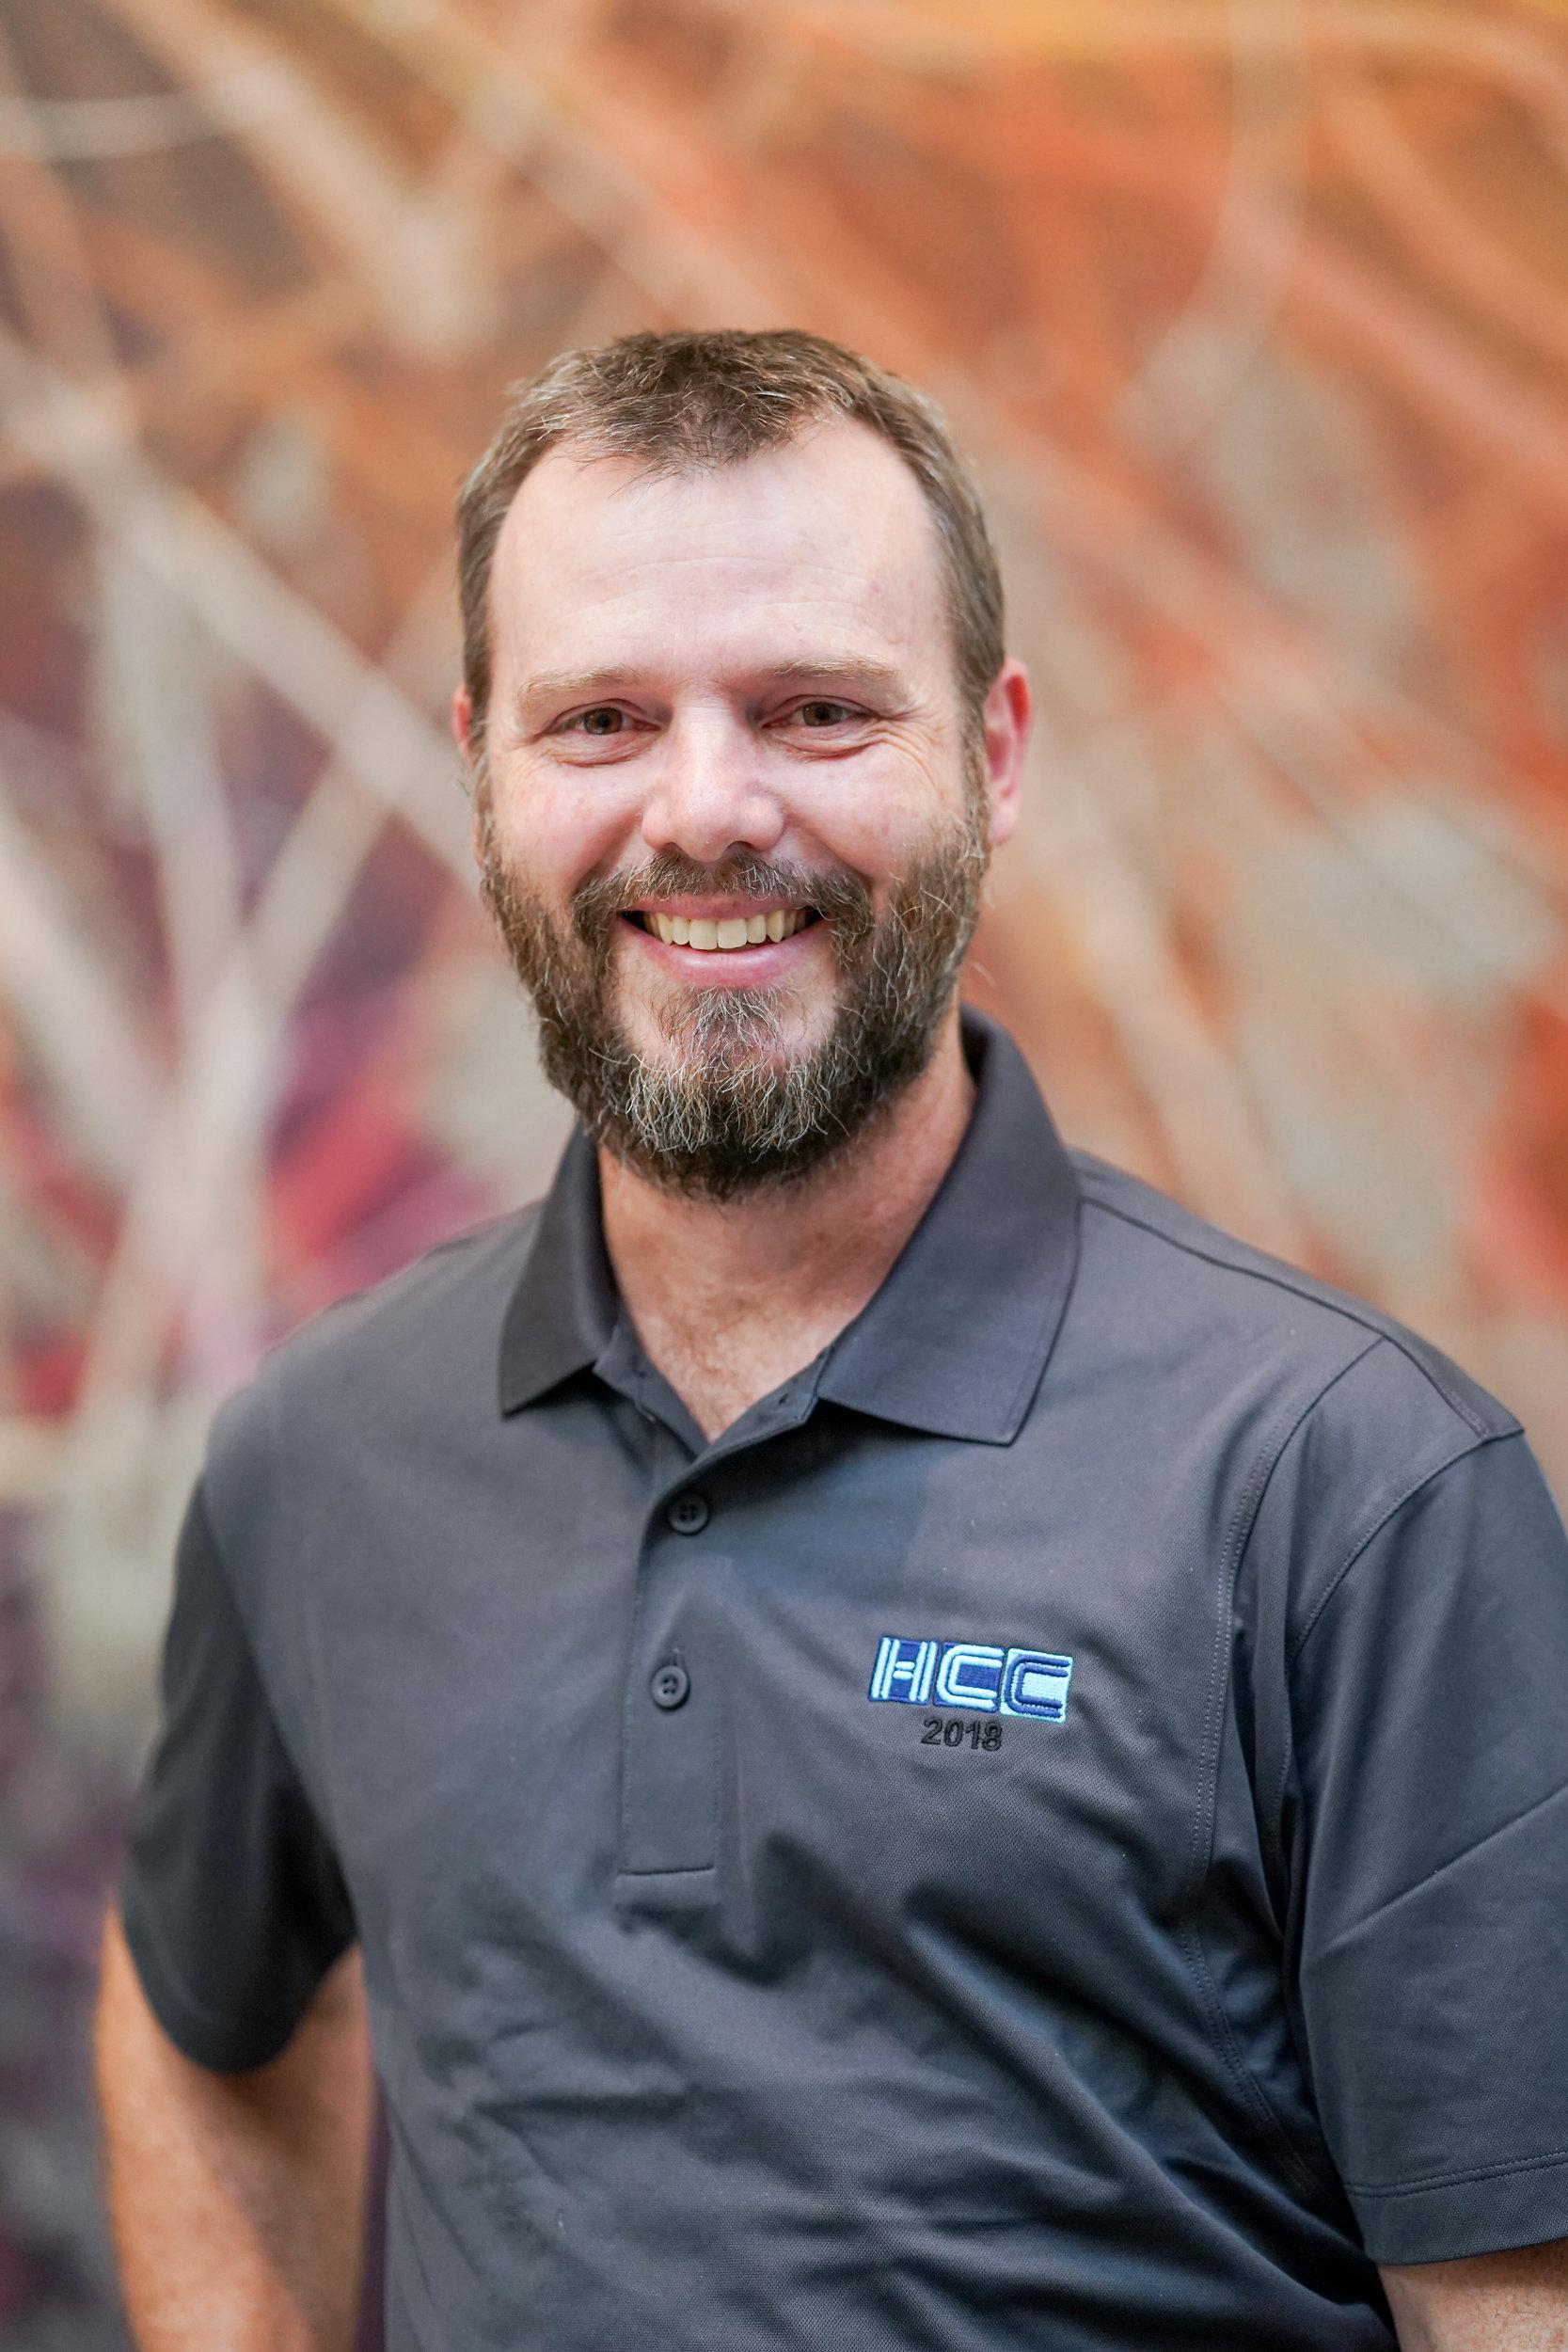 Scott Witt, Vice President